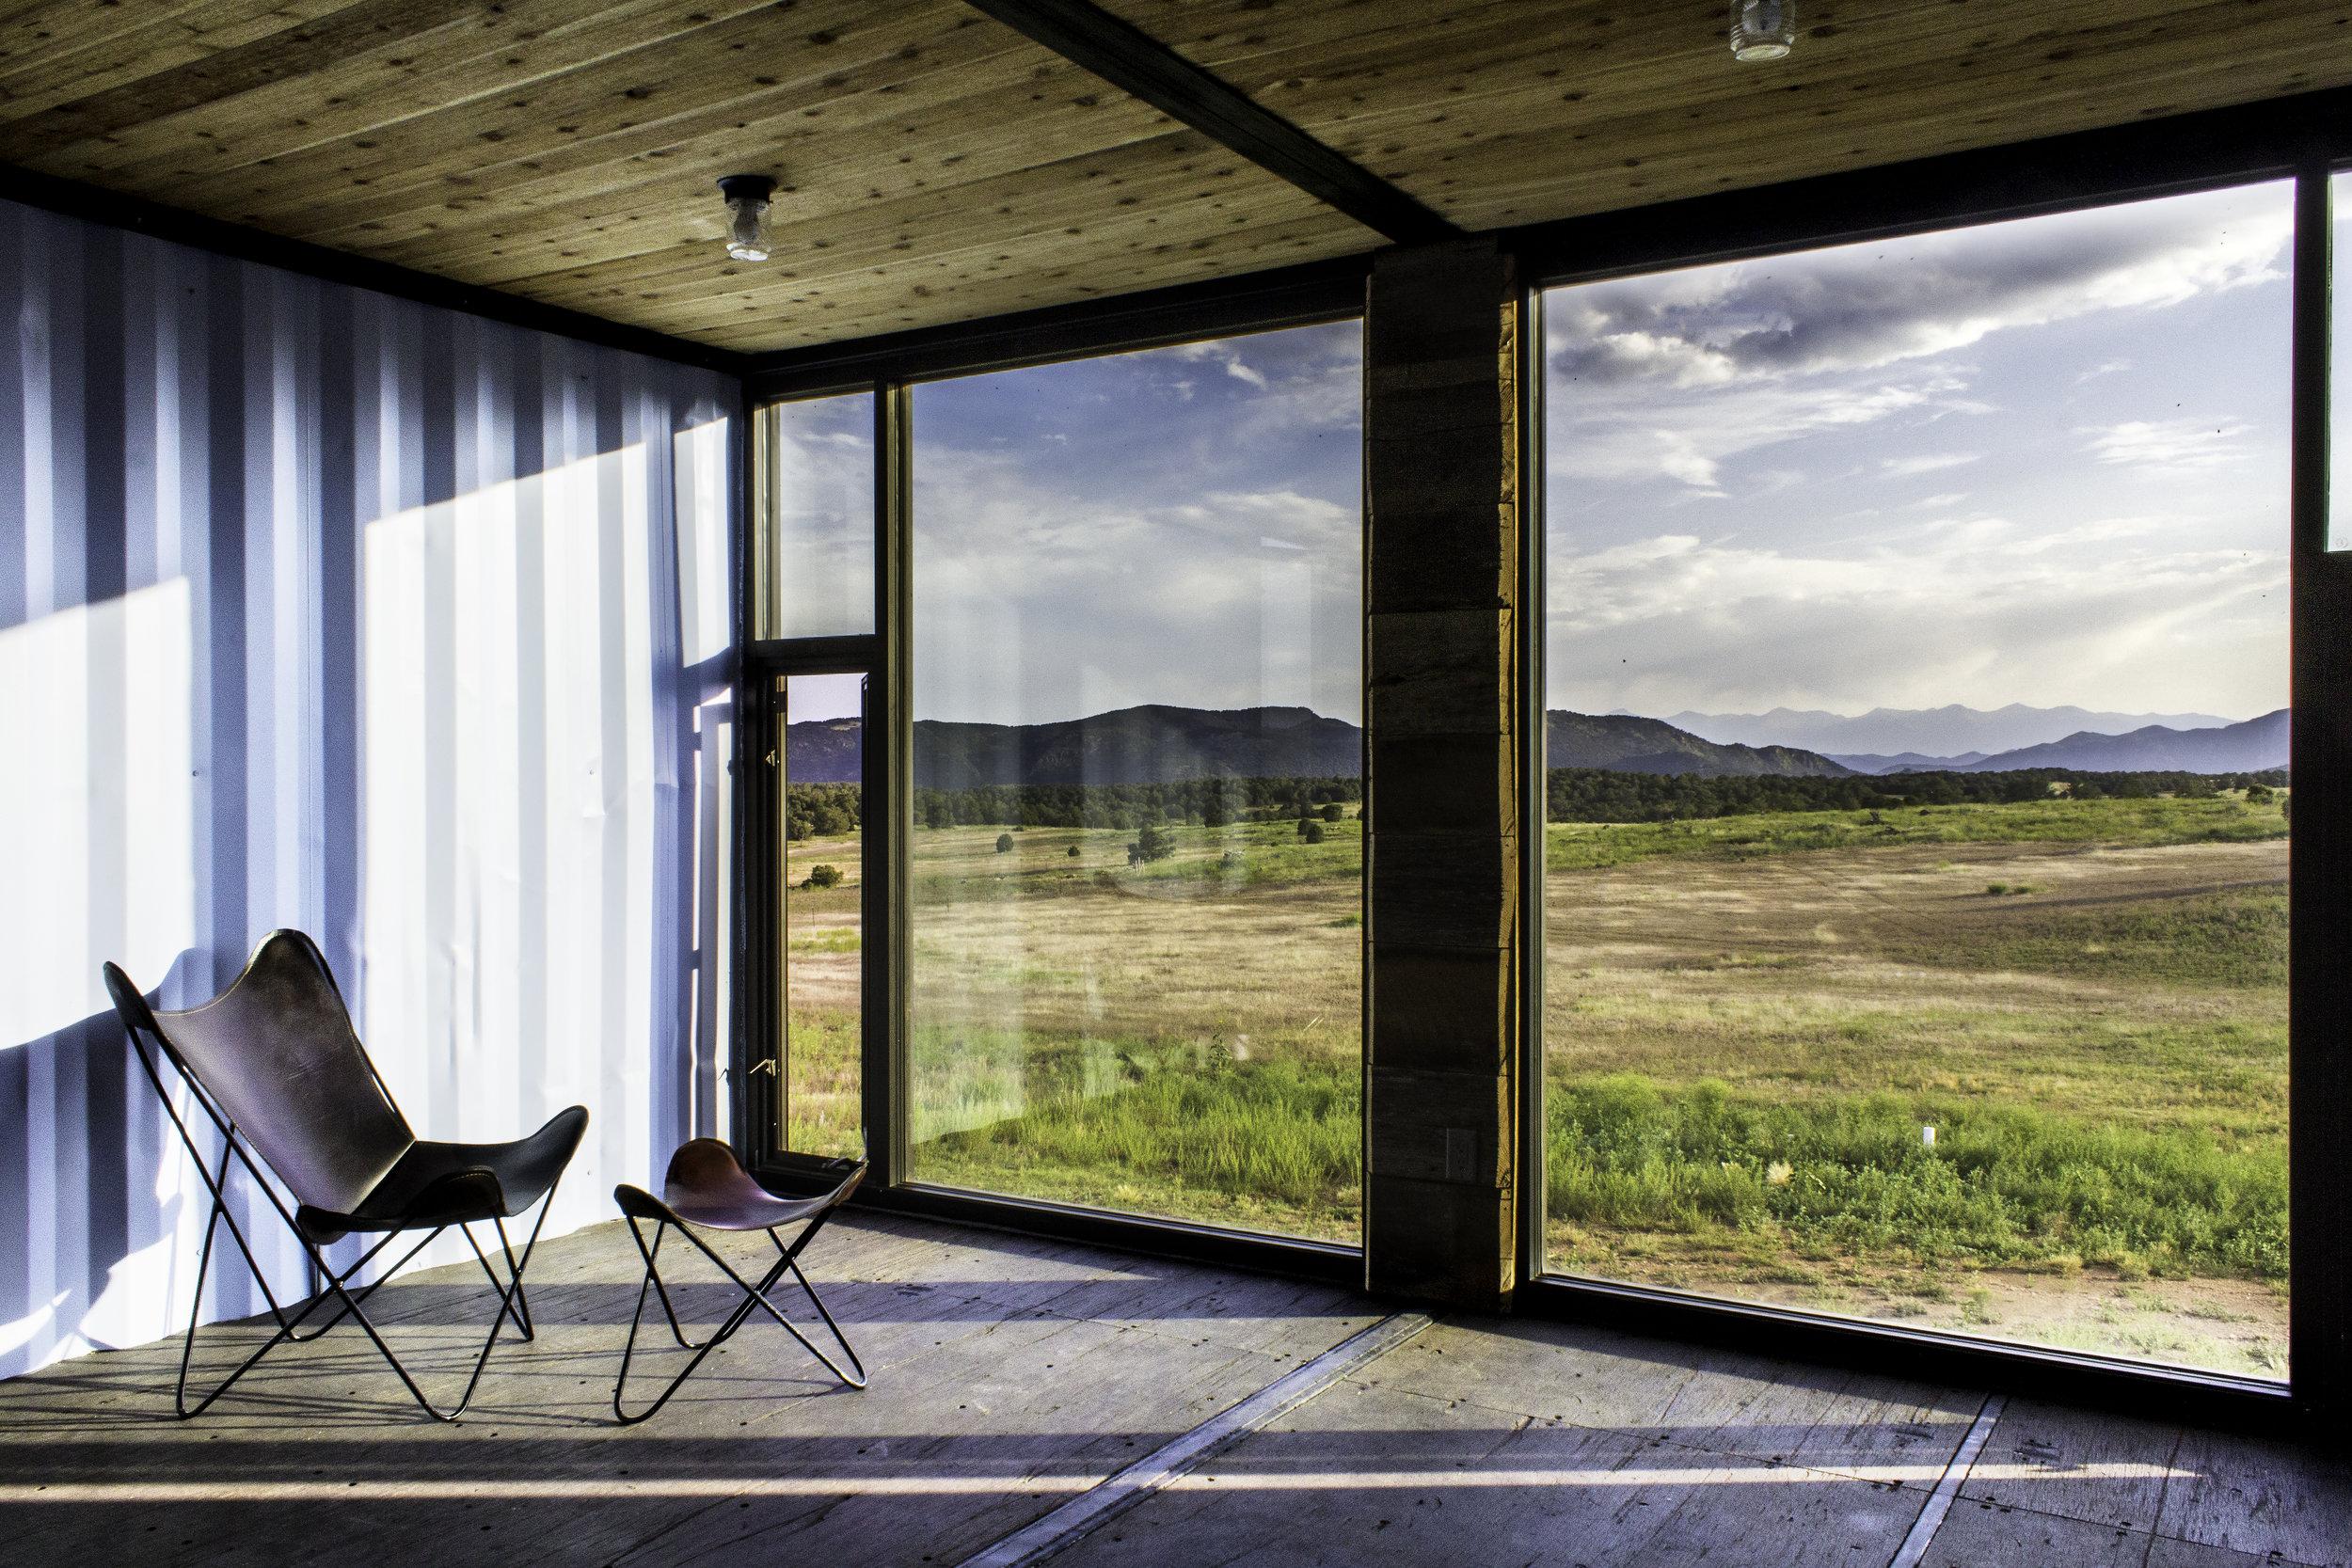 interiorGuestSuiteLookingOut.jpg